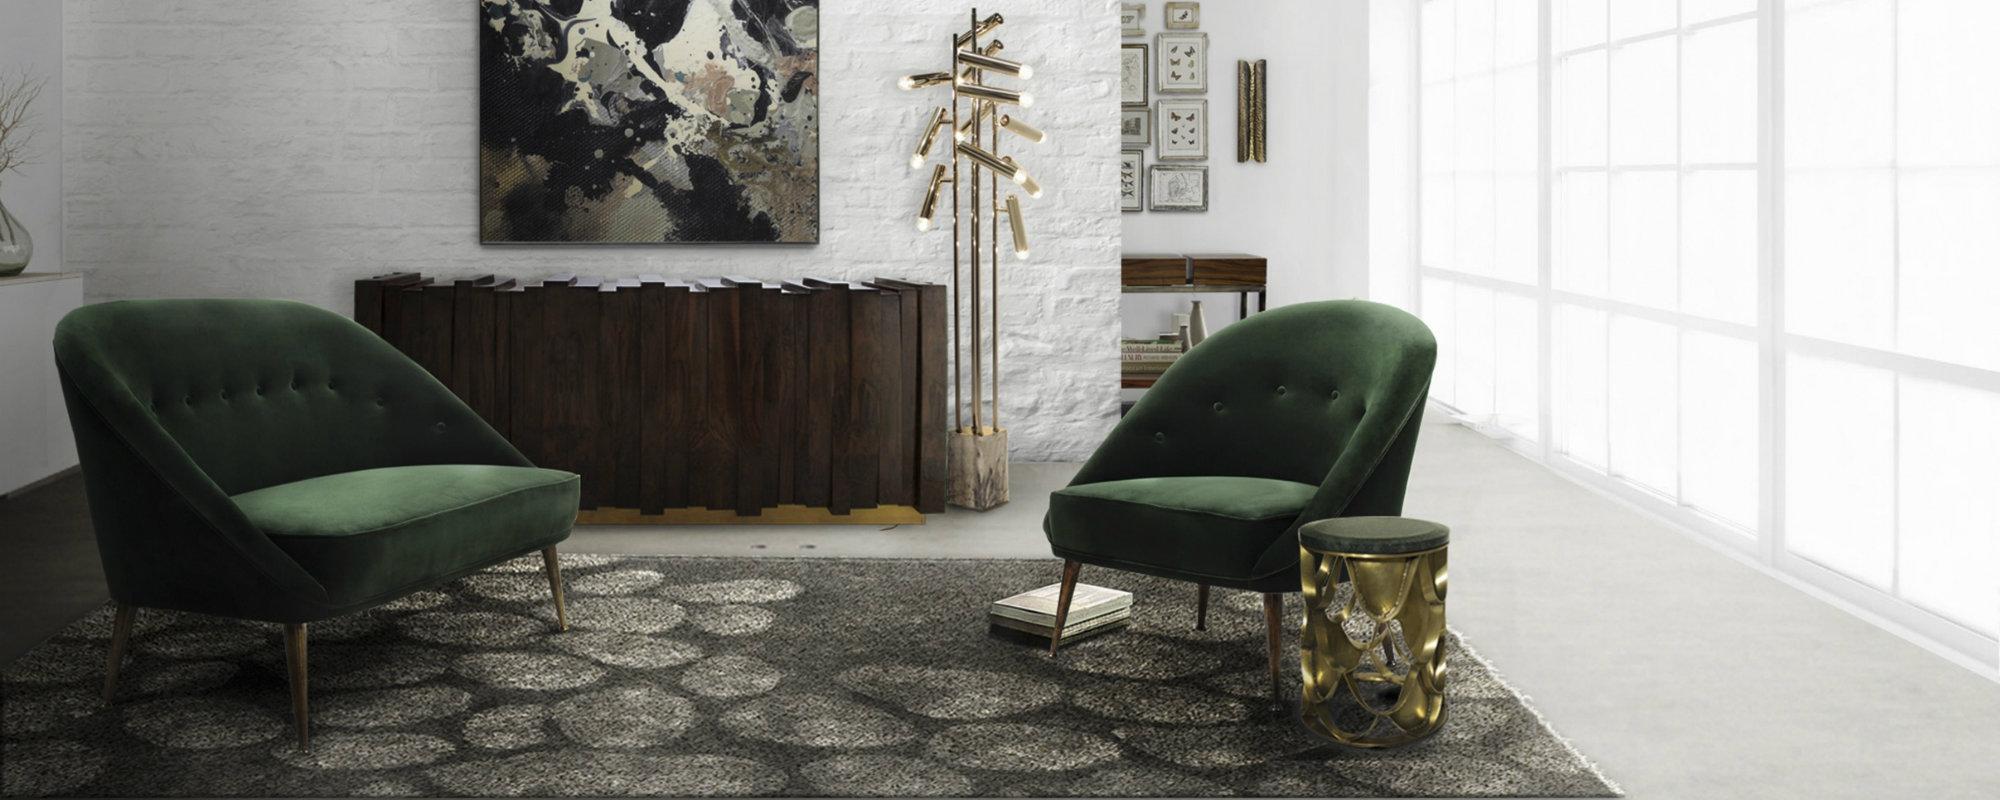 Ideas para tu salón: 50 sofás para te inspirar ideas para tu salón Ideas para tu salón: 50 sofás para te inspirar FEATURED